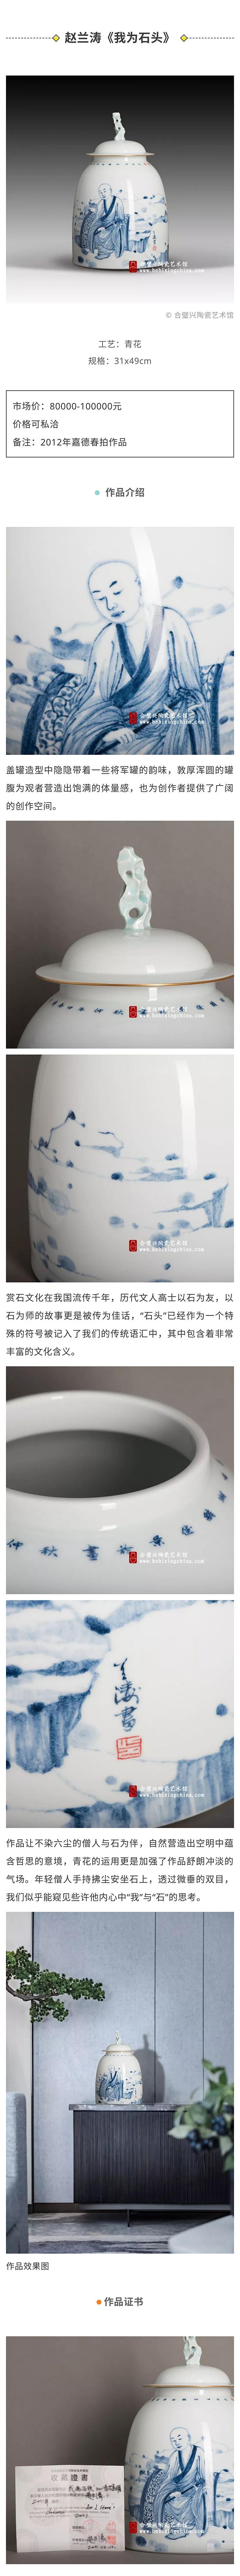 6赵兰涛-我为石头.jpg